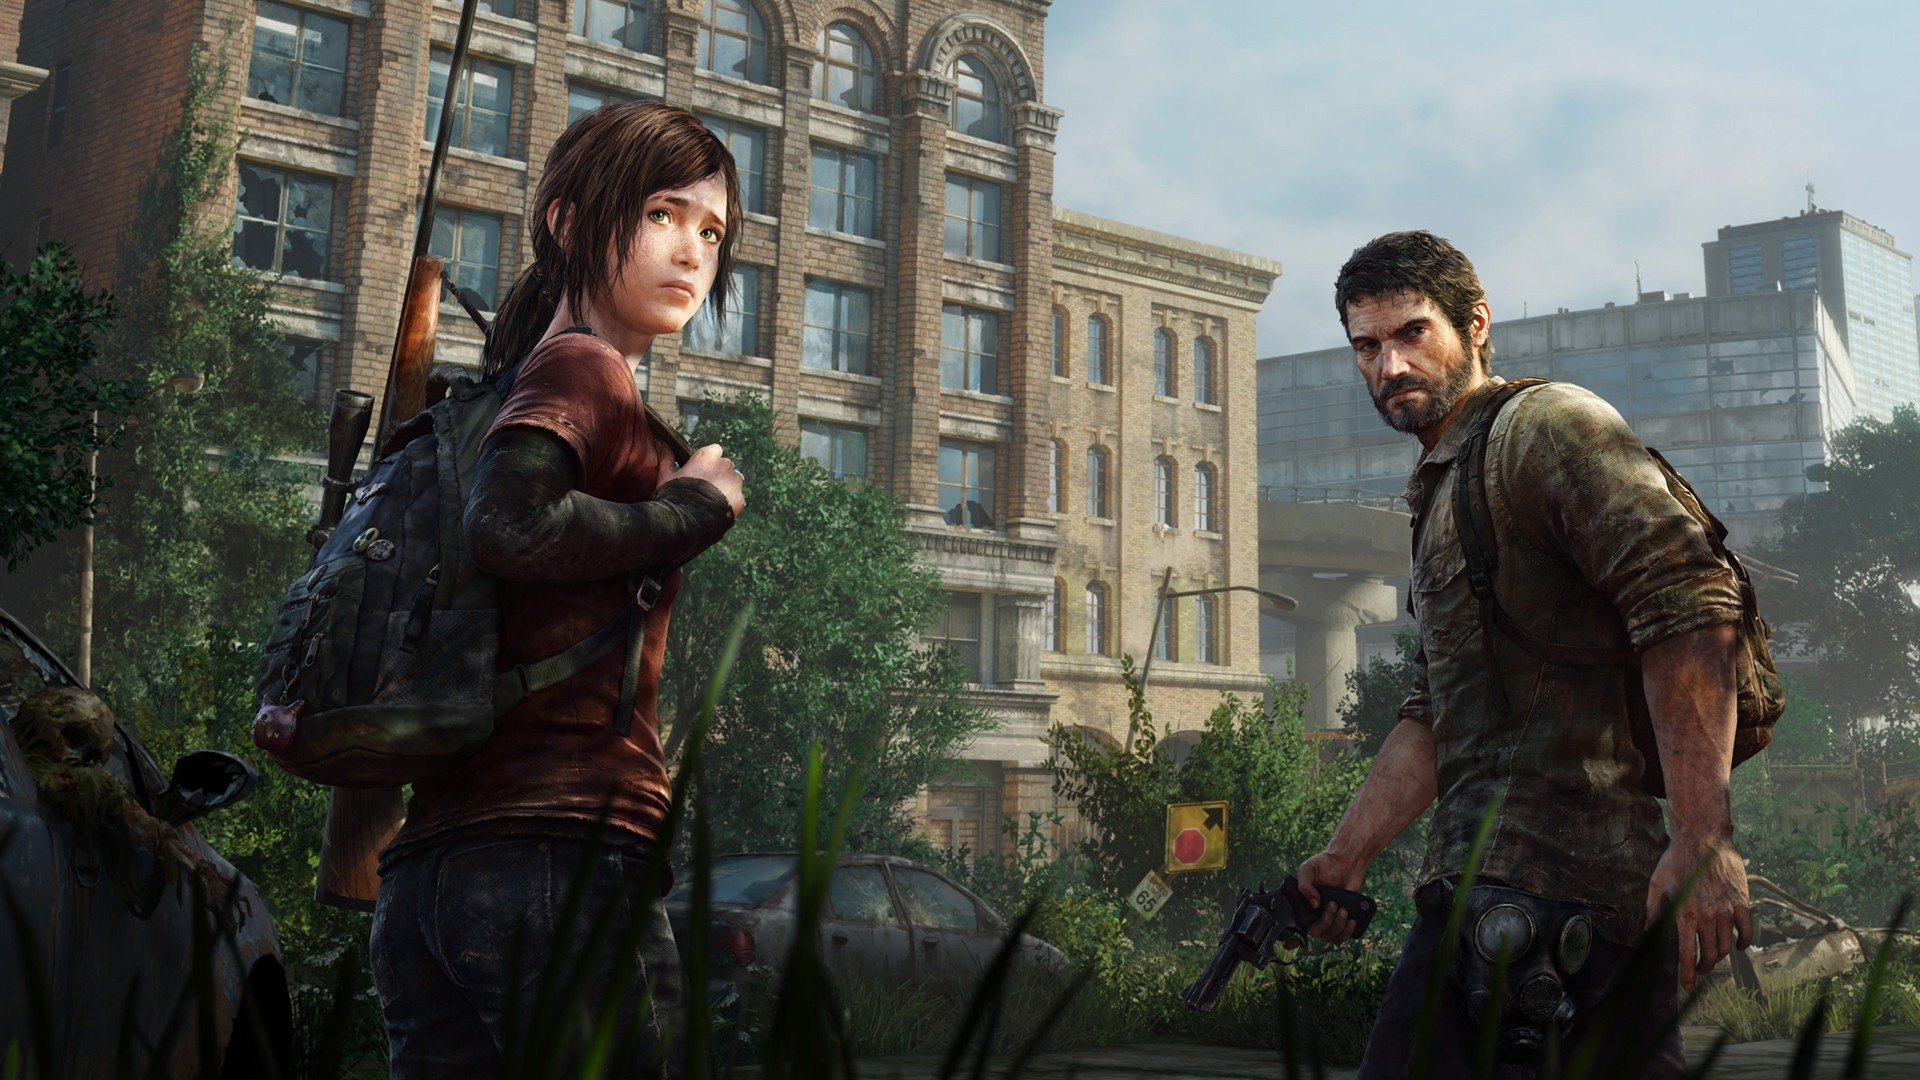 The Last Of Us Apocalyptic Joel Ellie Hd Wallpapers Desktop